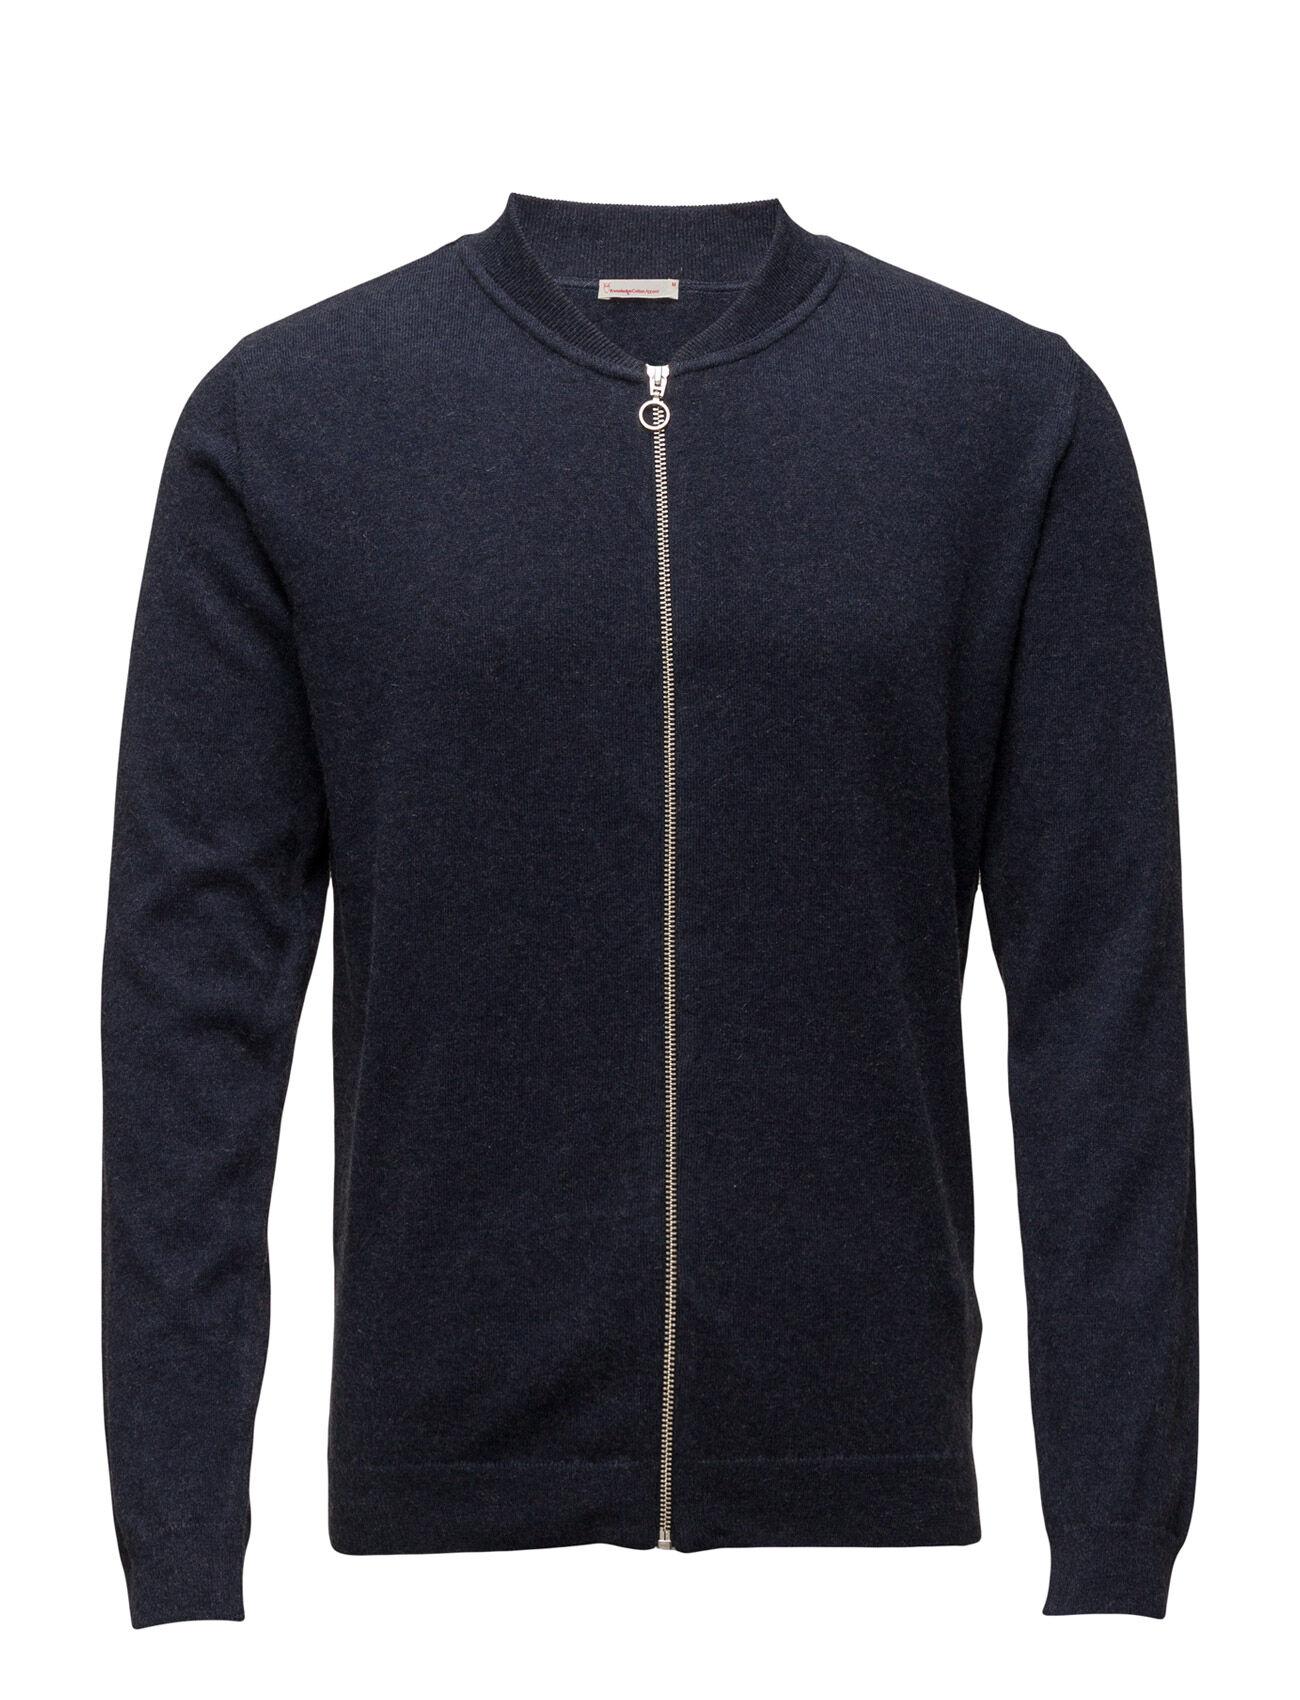 Knowledge Cotton Apparel Cotton/Cashmere Cardigan- Gots